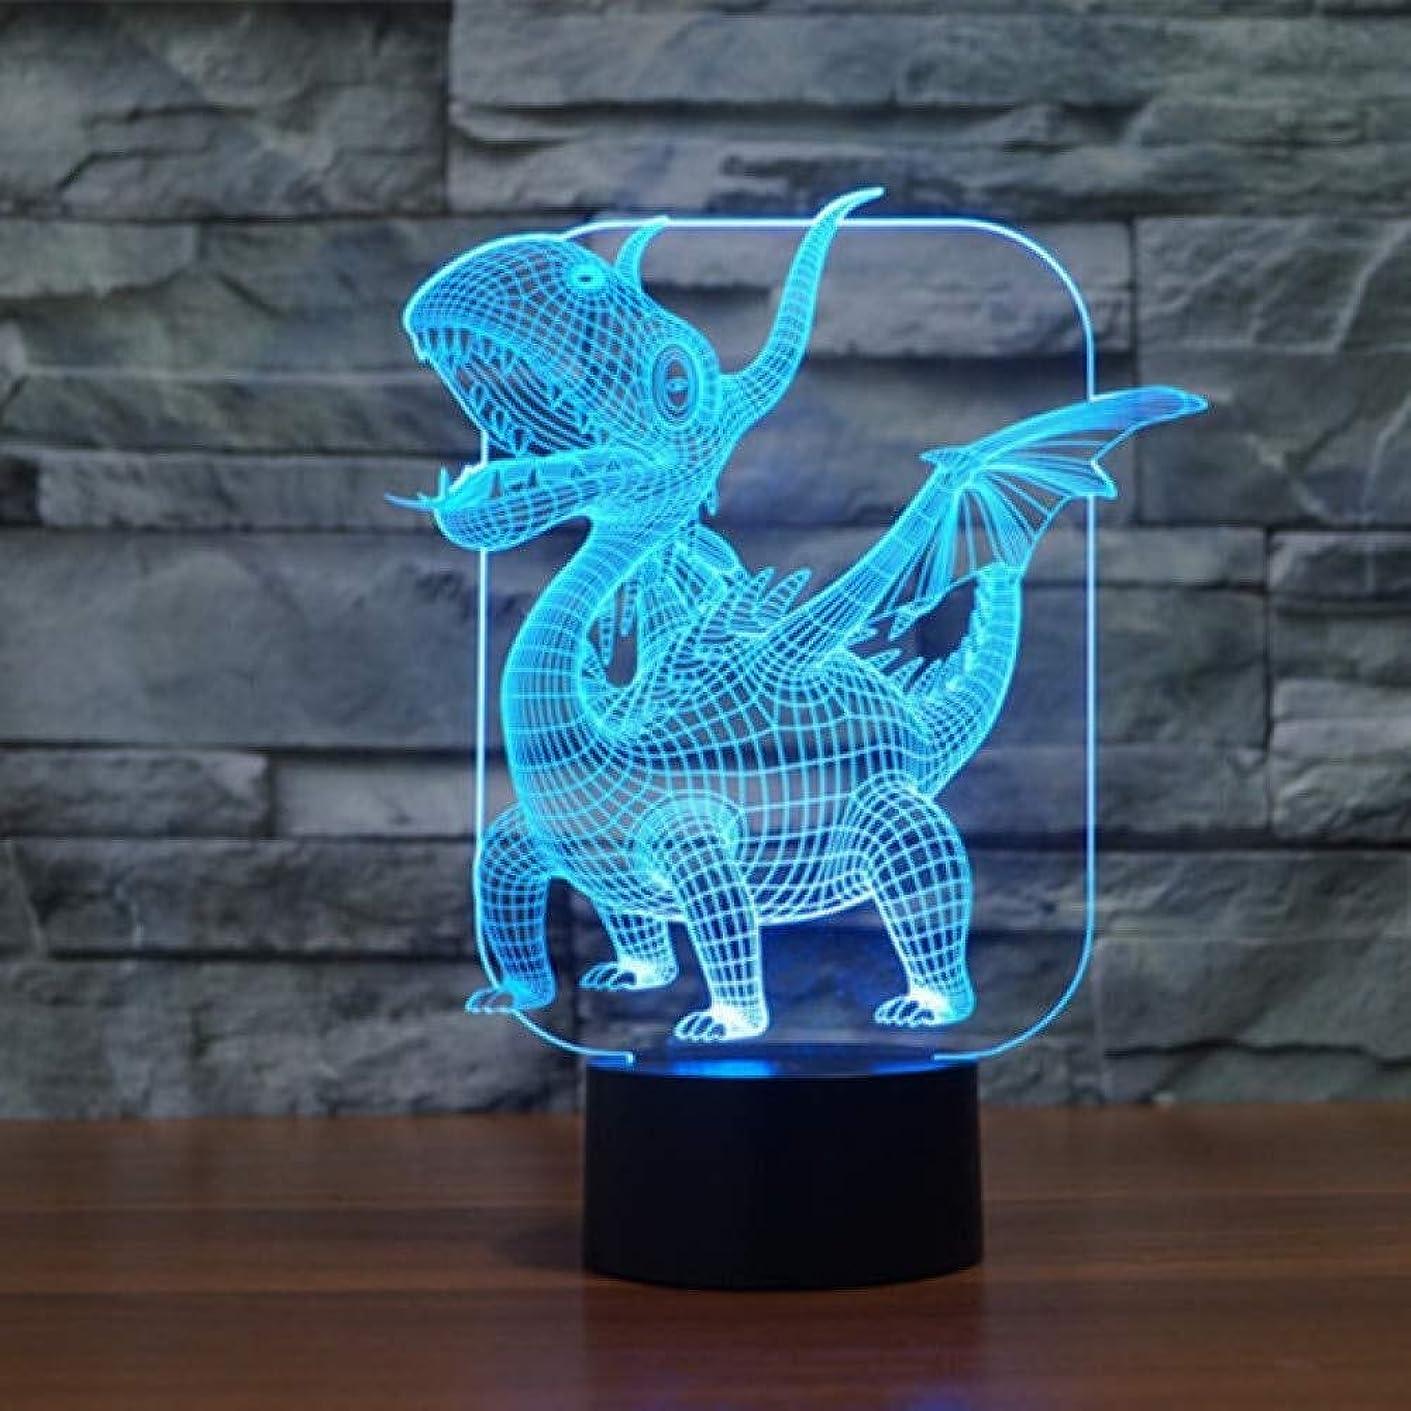 に応じて旅高音3Dイリュージョン翼竜LEDランプタッチセンサー7色の変更ベッドルームベッドサイド装飾デスクランプキッズハロウィンフェスティバル誕生日ギフトのUSB充電